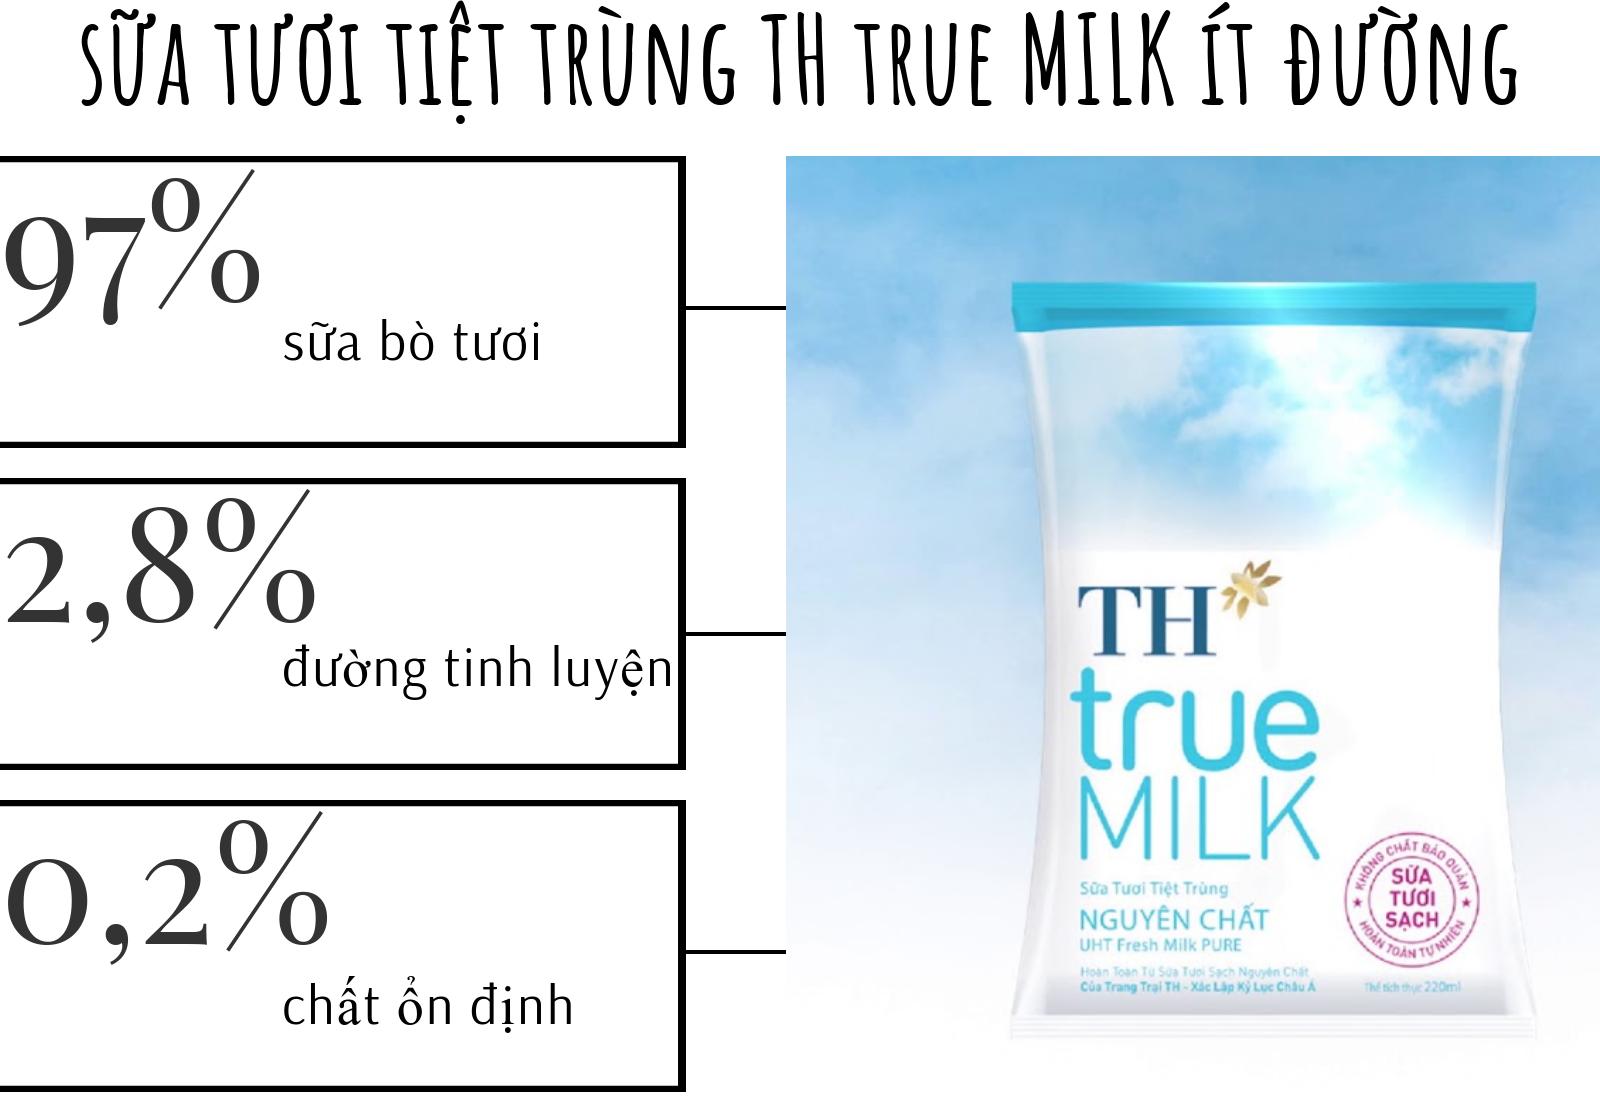 Thành phần sữa TH true MILK